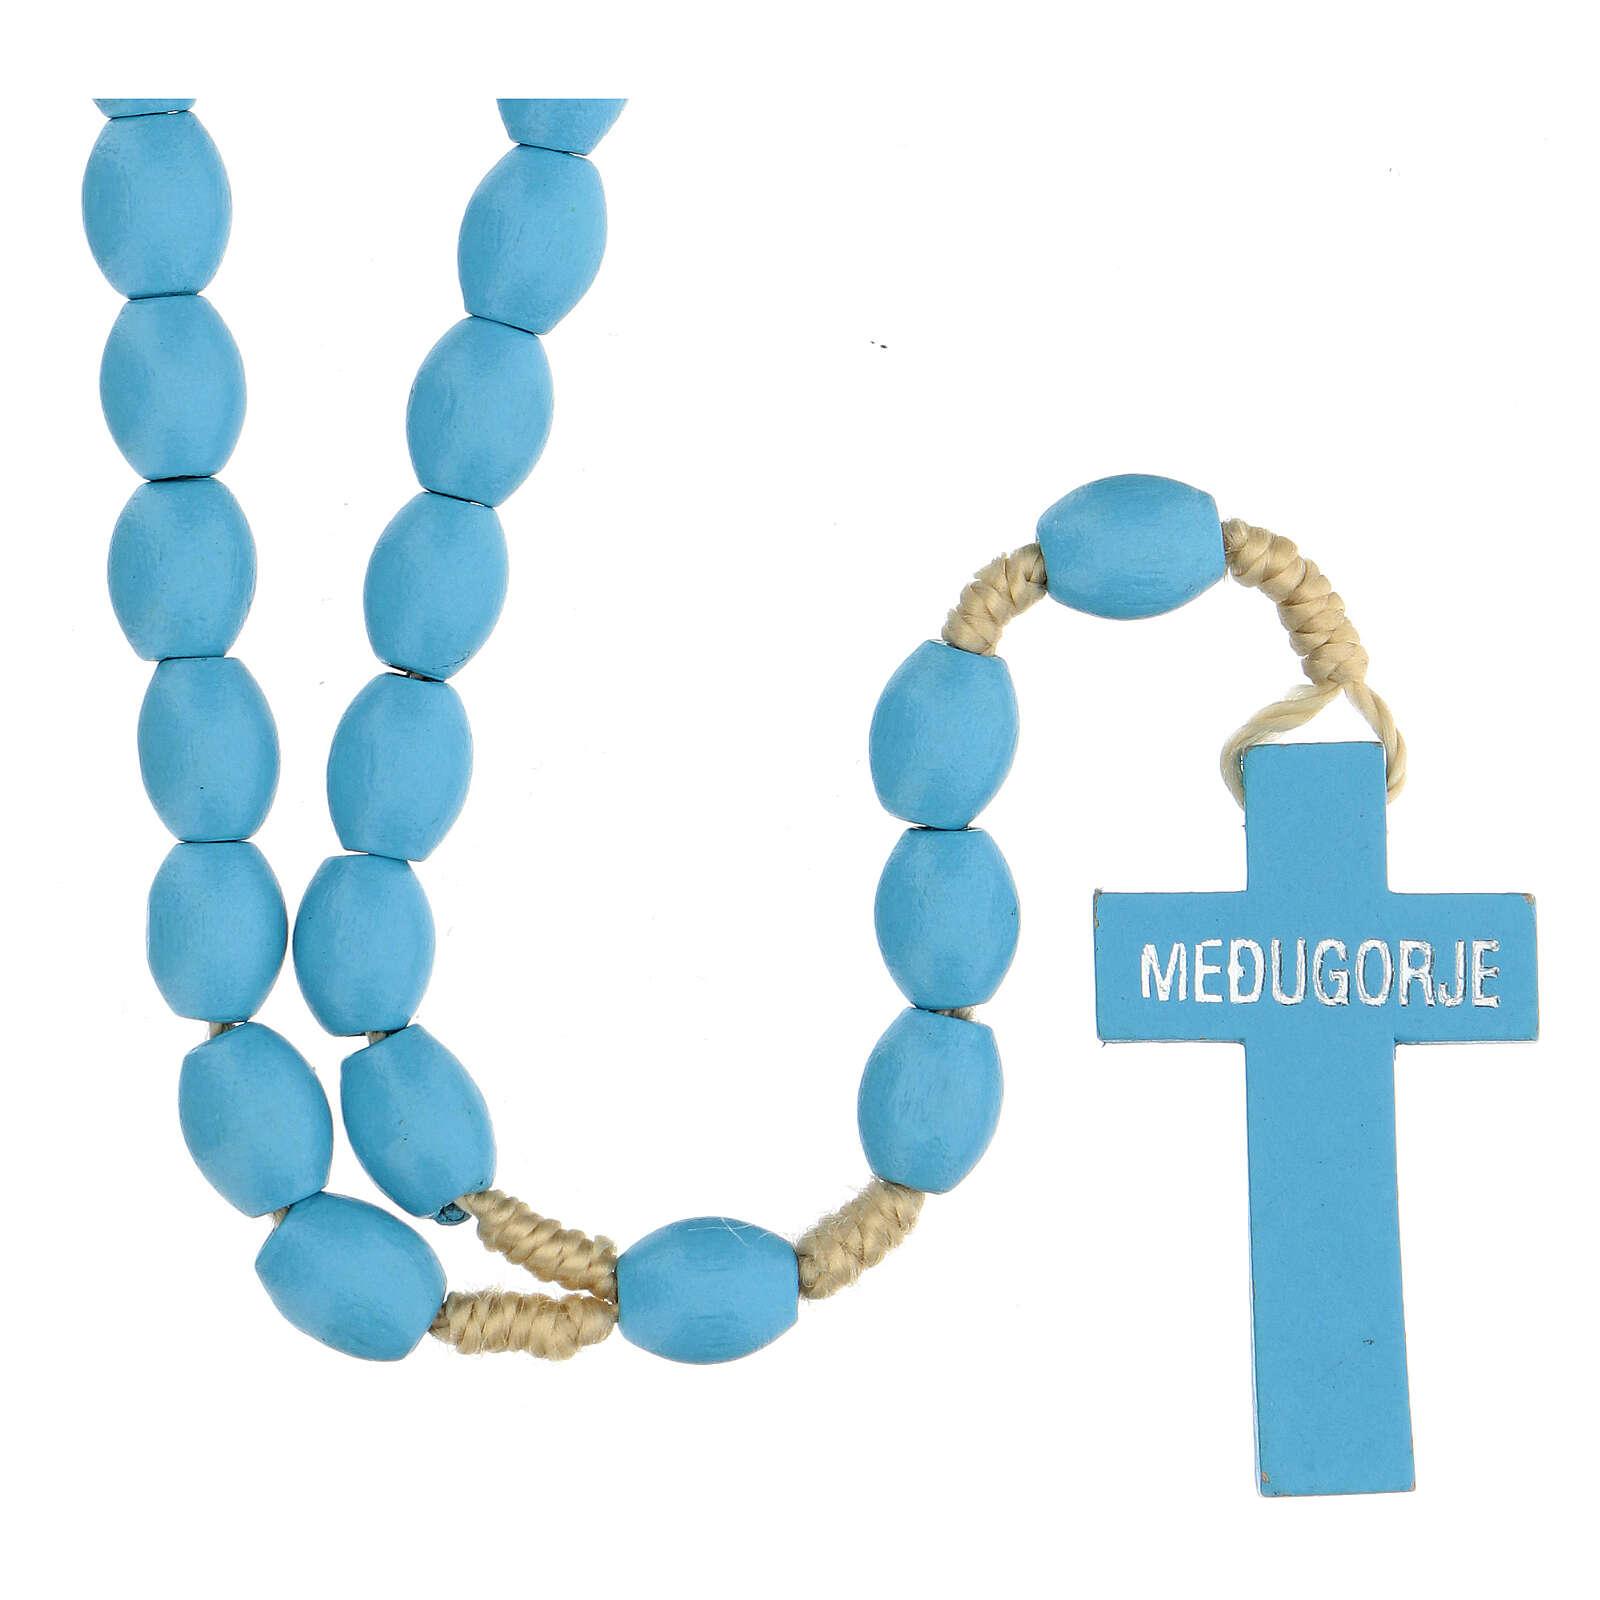 Chapelet grains bois bleu clair Medjugorje 4